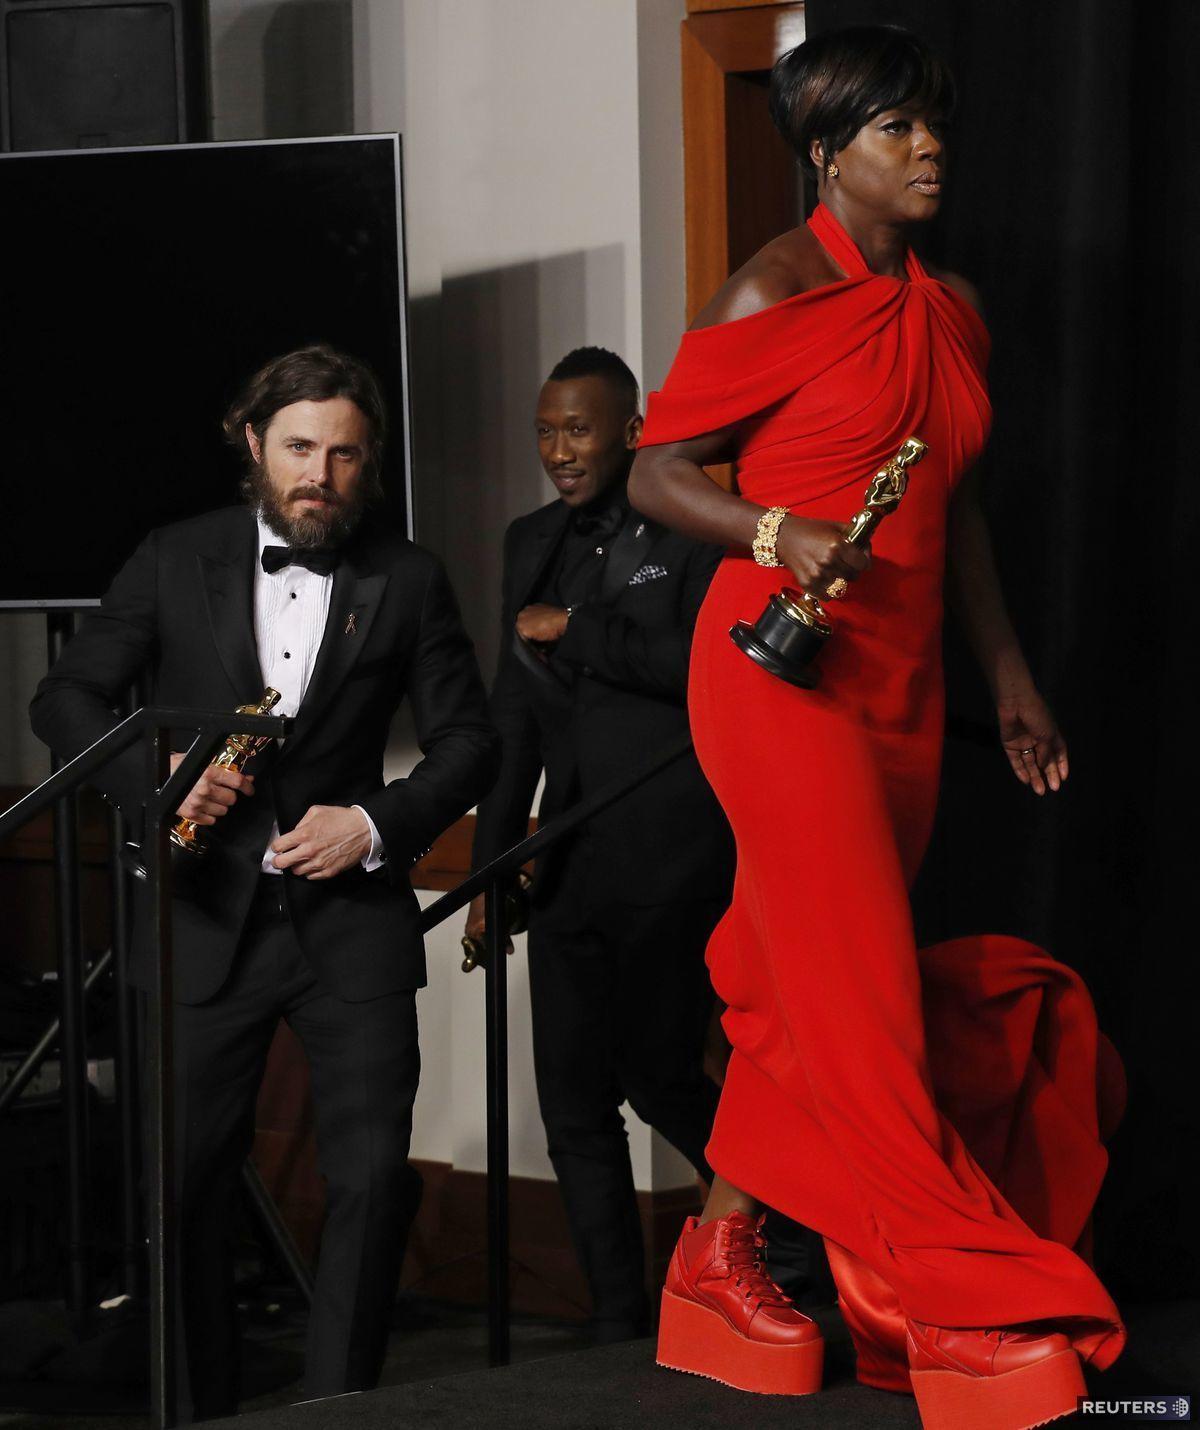 Herečka Viola Davis kráča na stretnutie s novinármi po víťazstve na 89. ročníku cien Americkej filmovej akadémie.